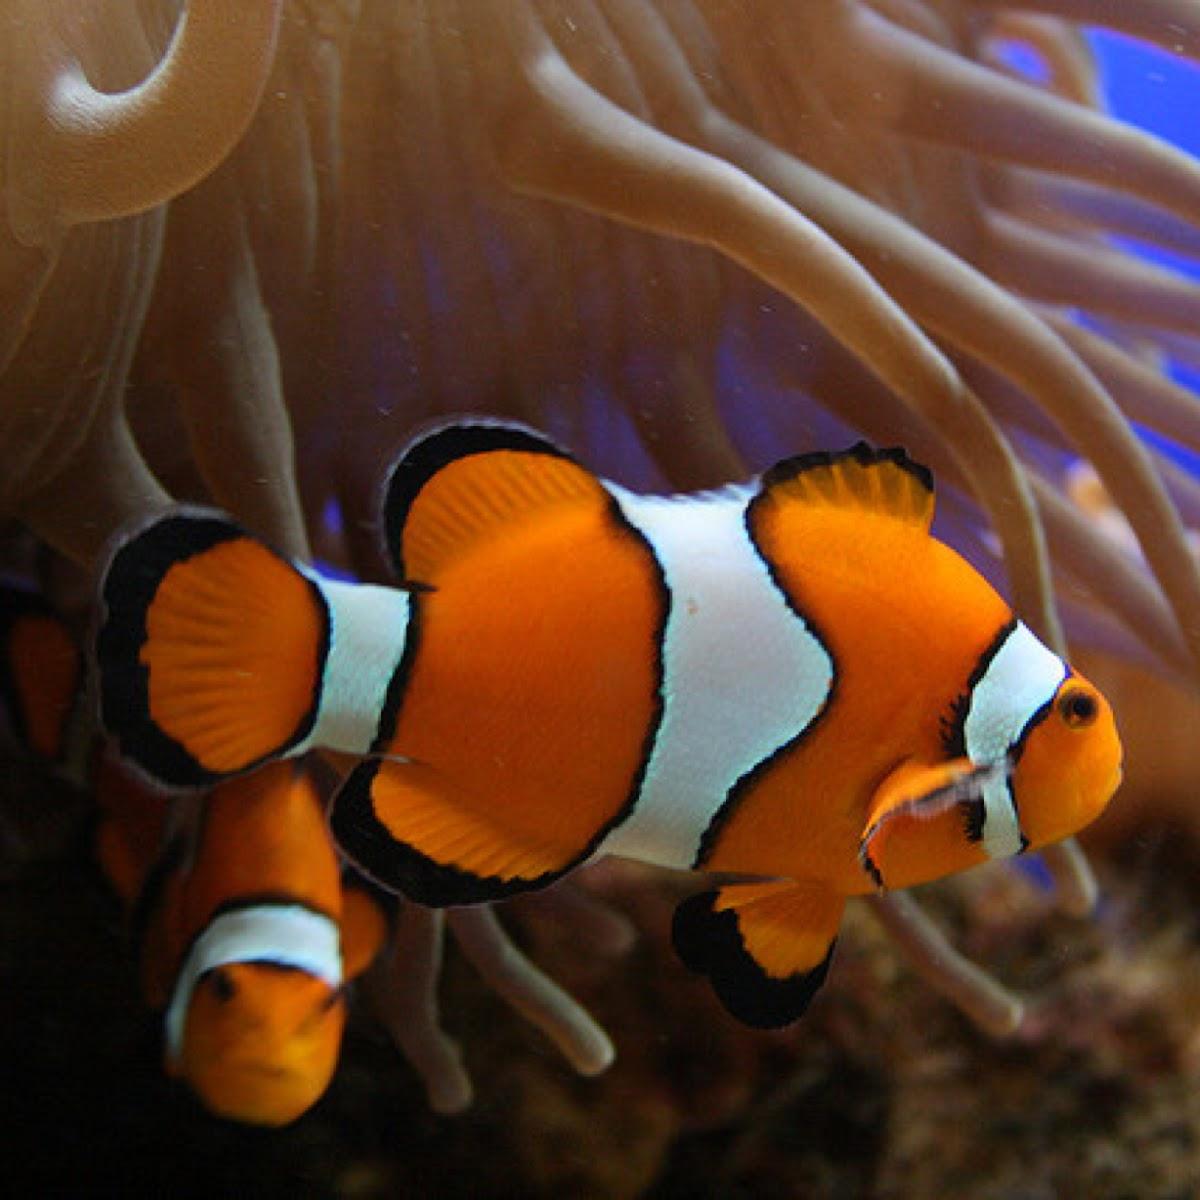 Clownfish or anemonefish